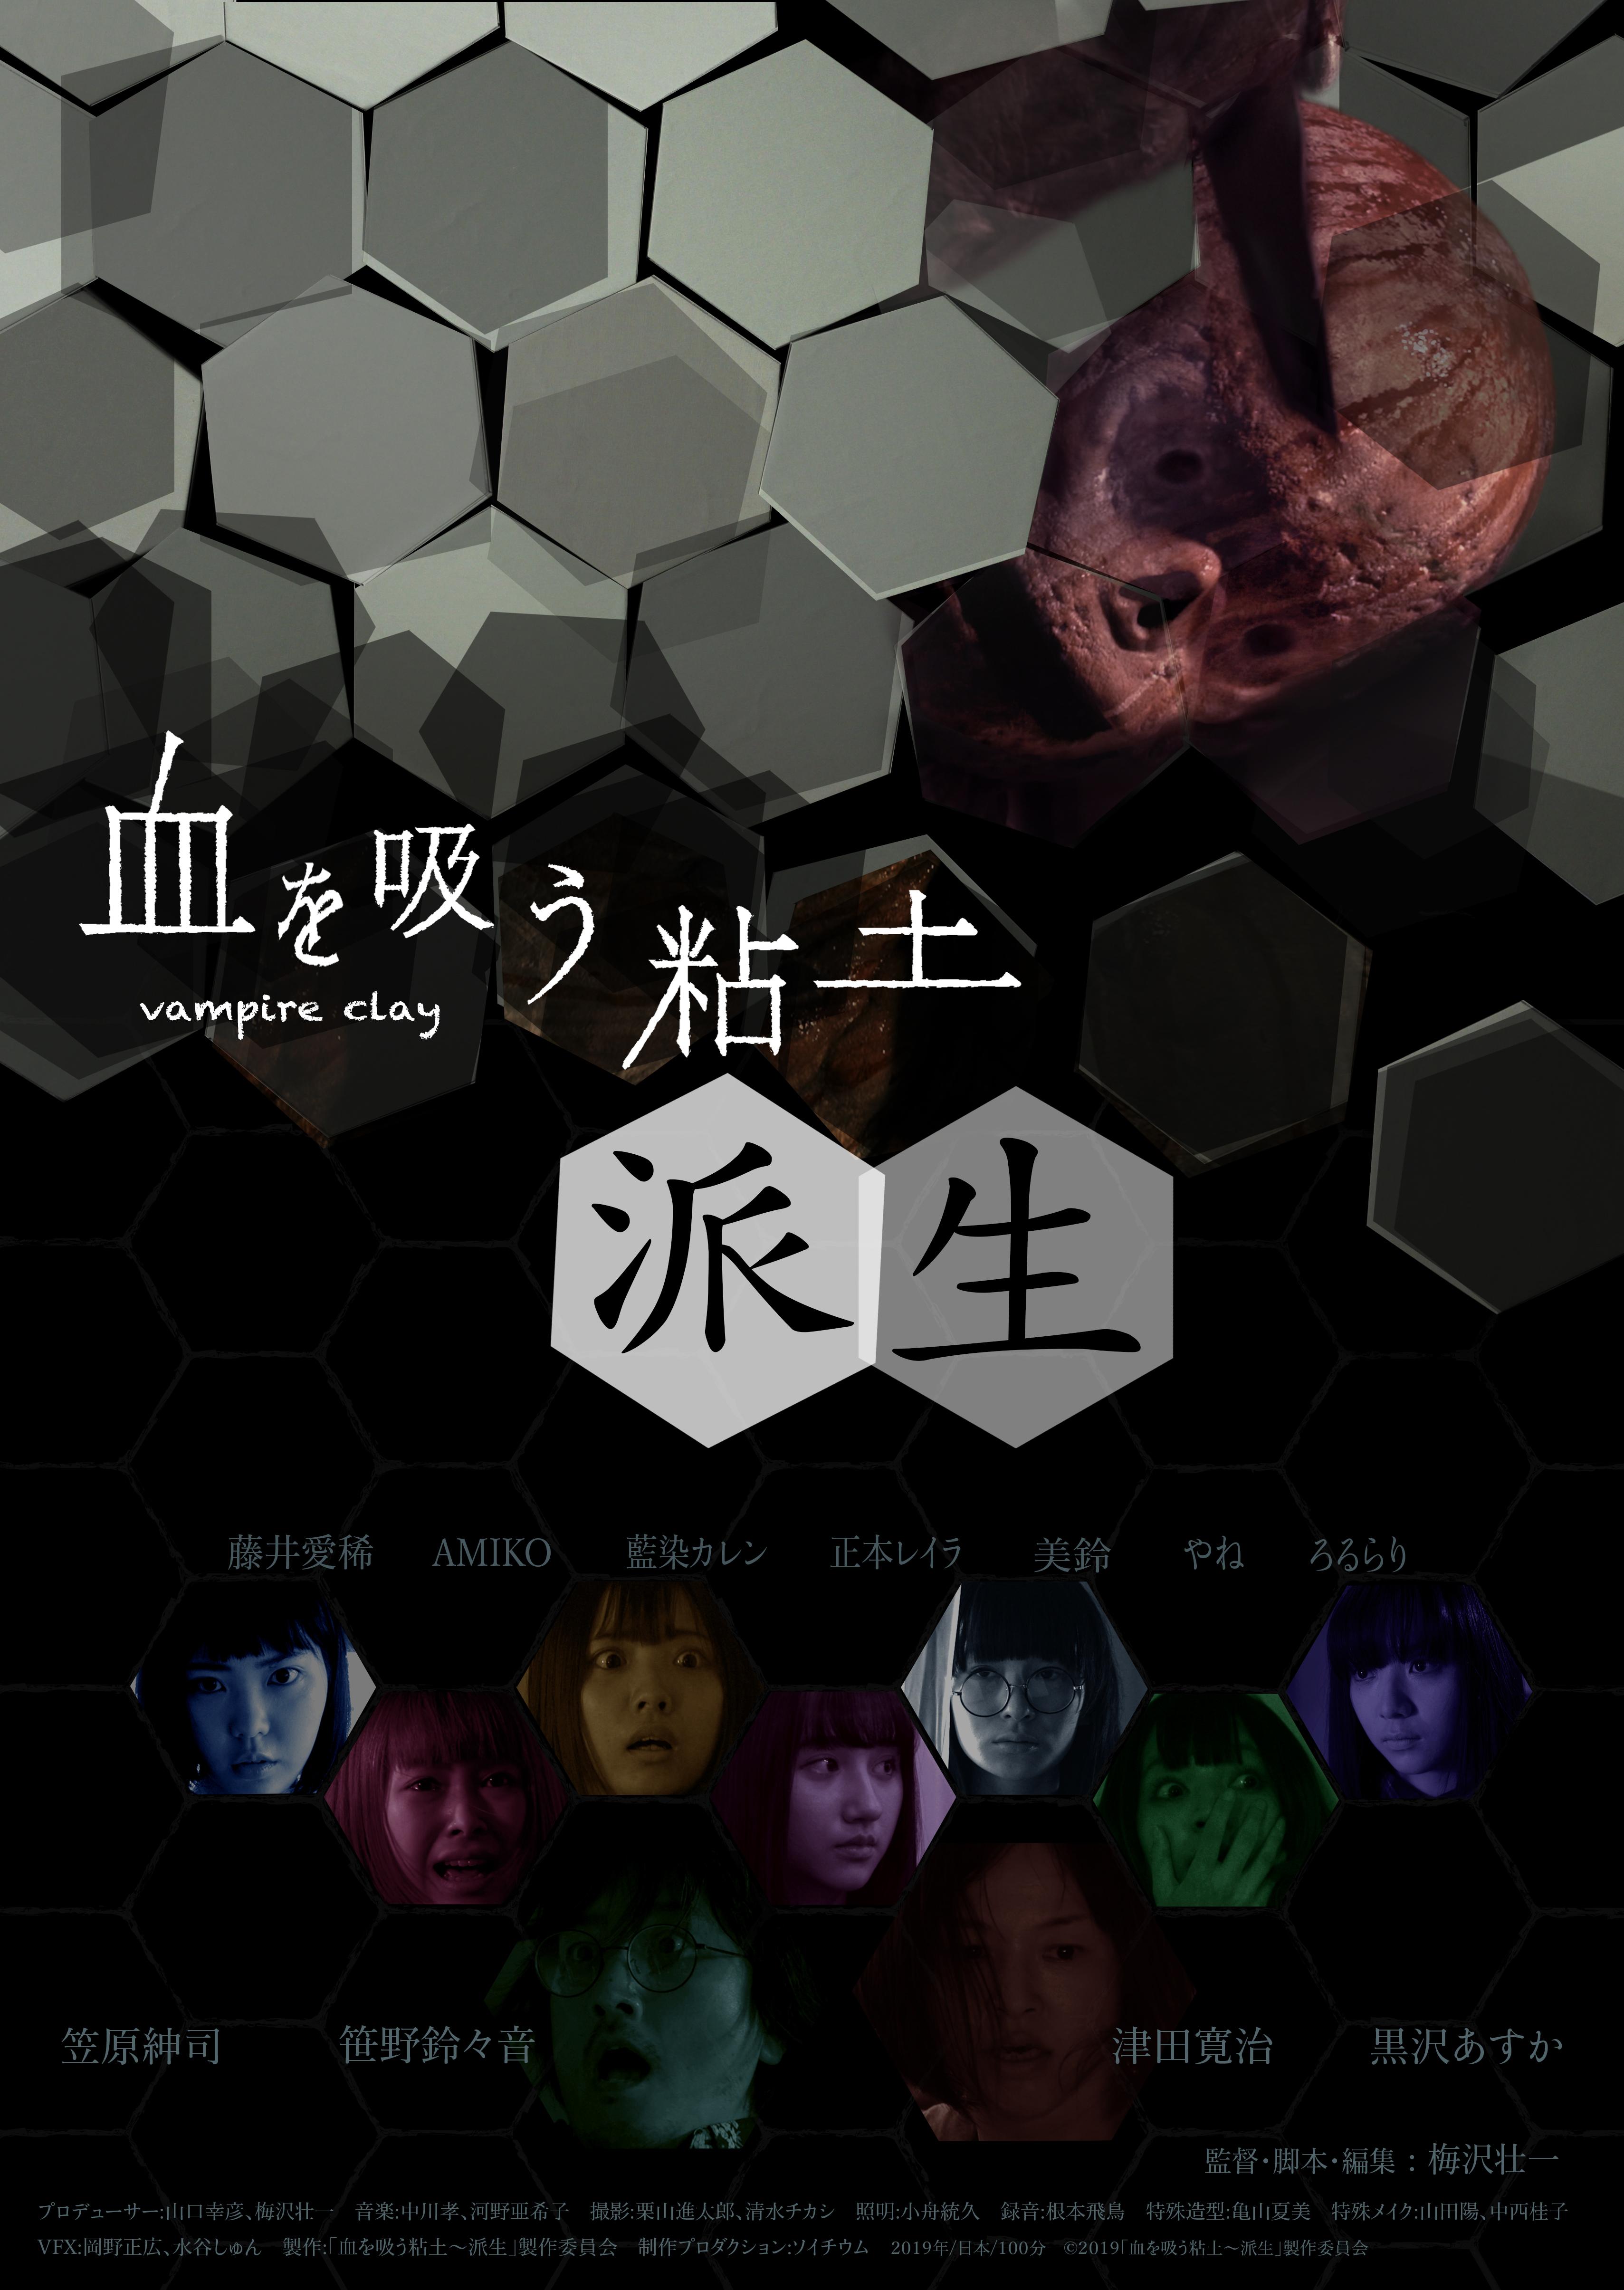 「血を吸う粘土~派生」ポスタービジュアルFIX